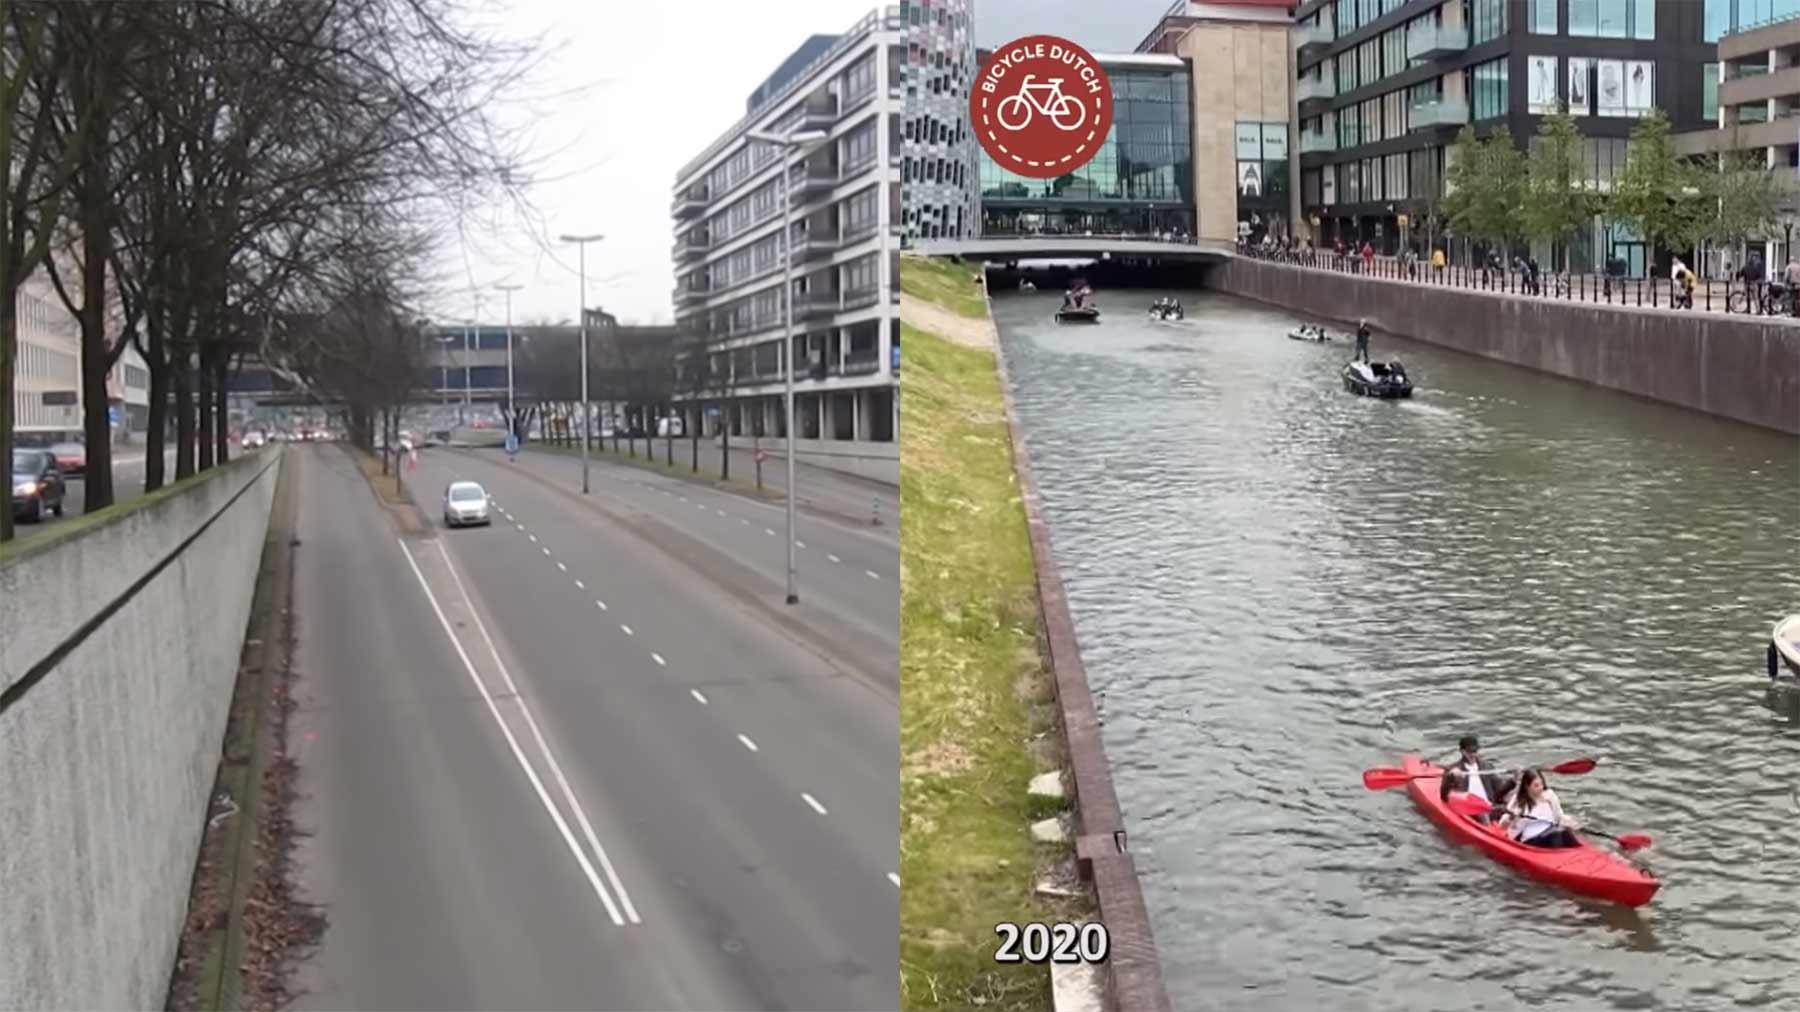 Untergehungsstraße in Utrecht wurde zum Kanal umgewandelt